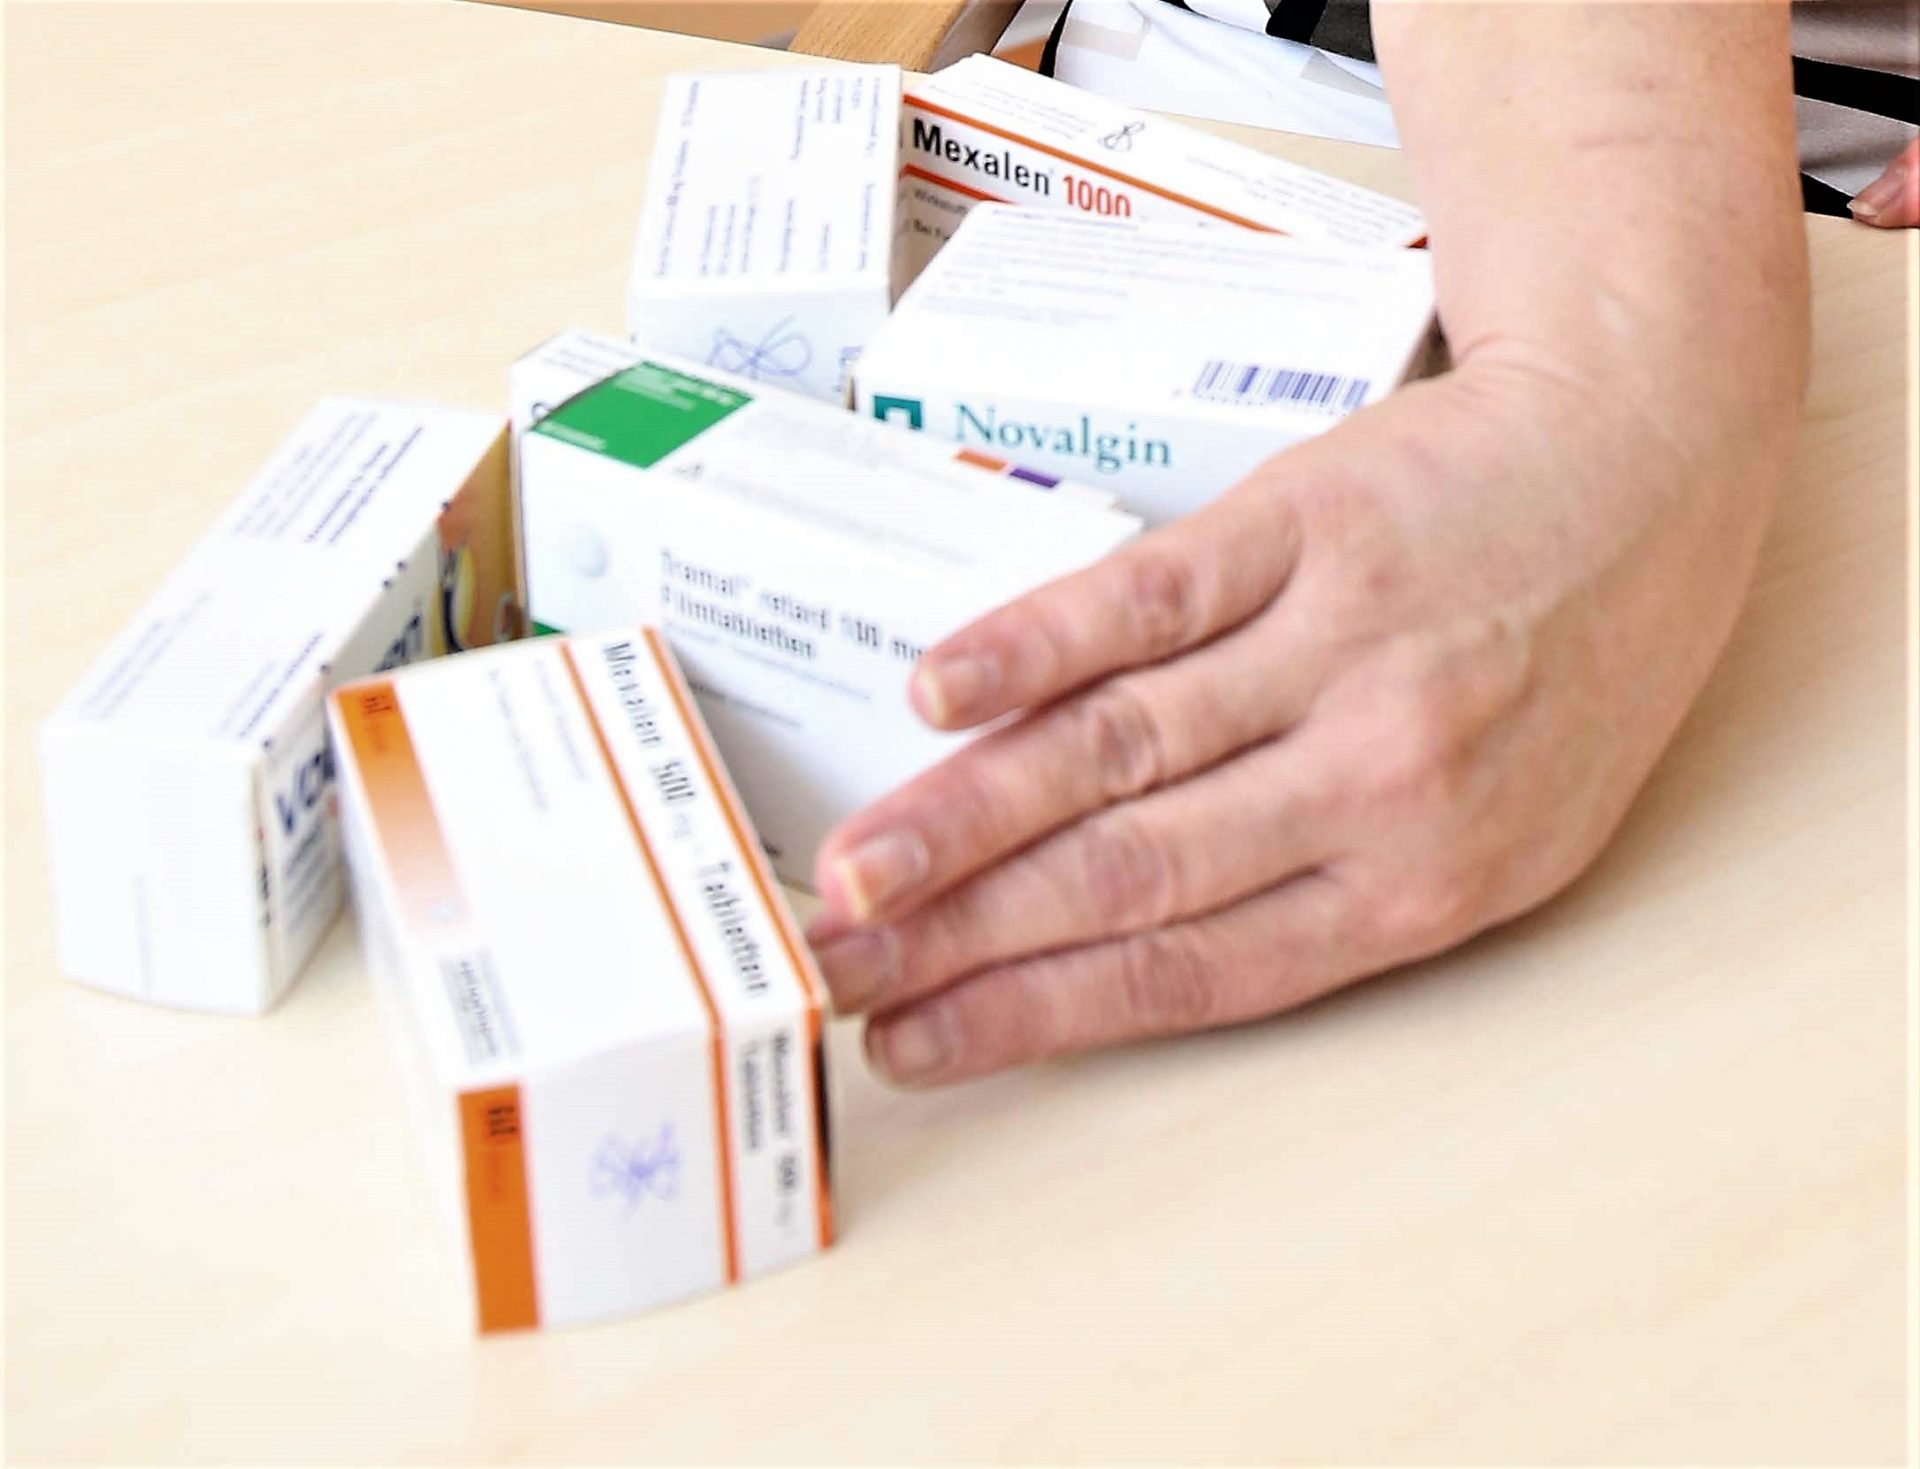 Medicamente artritice glucozamina toate medicamentele